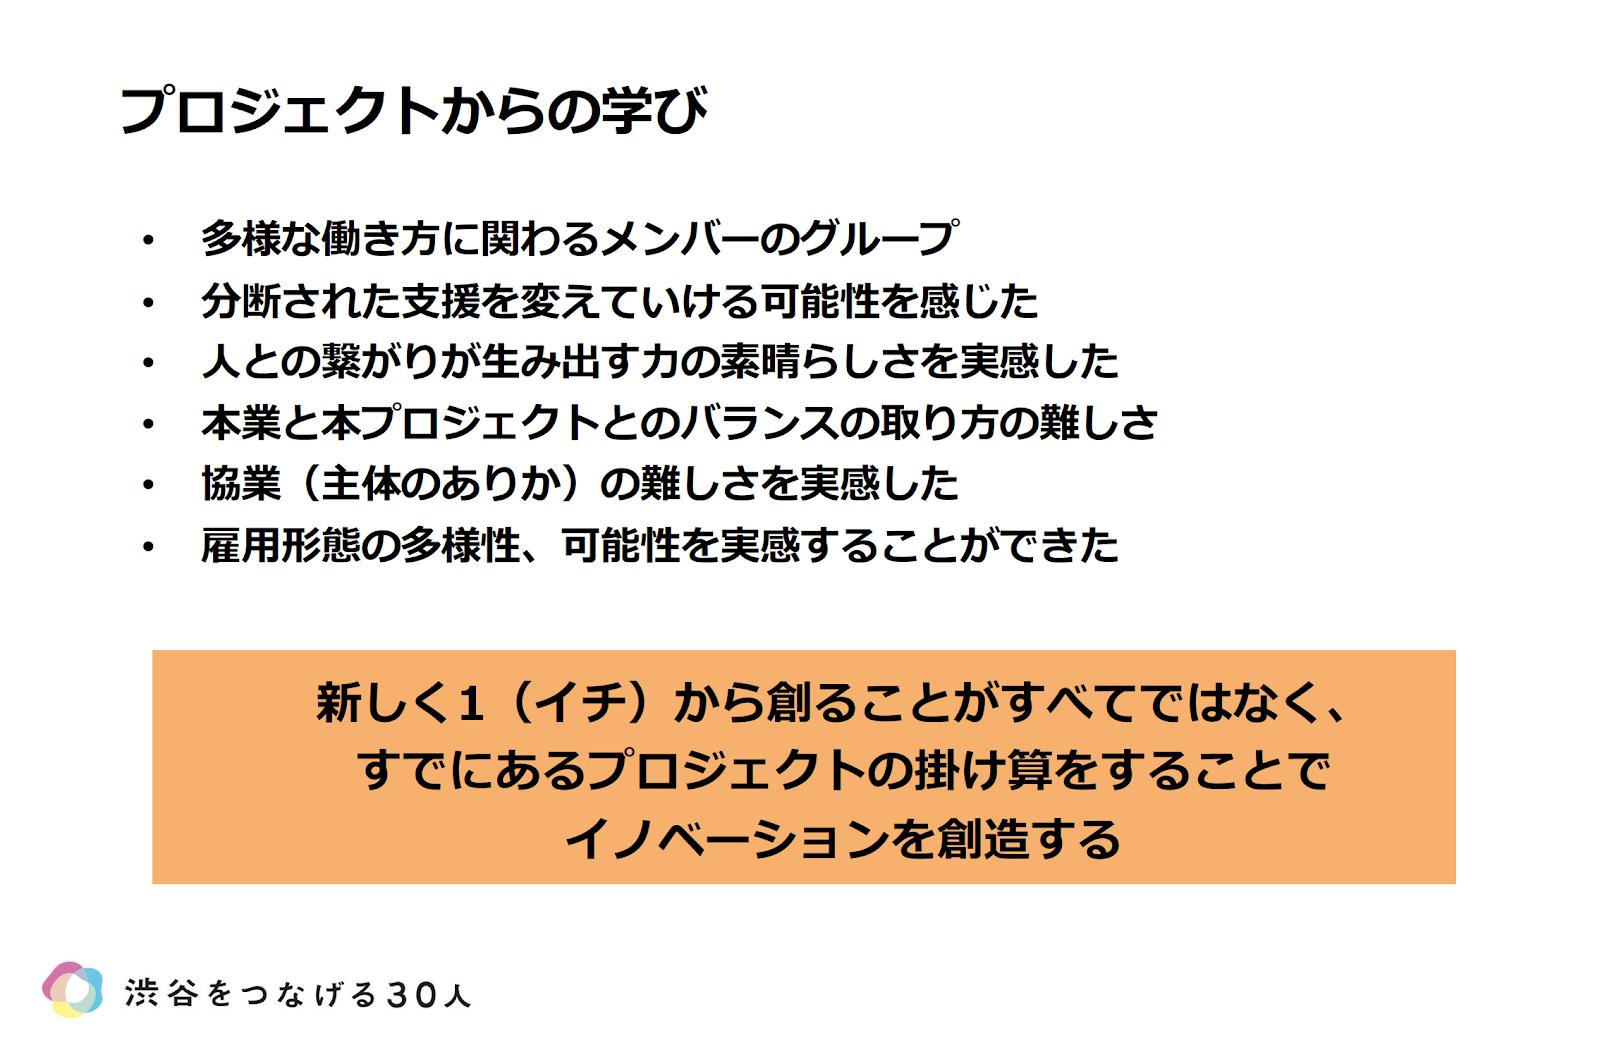 スクリーンショット 2020-03-10 18.13.57